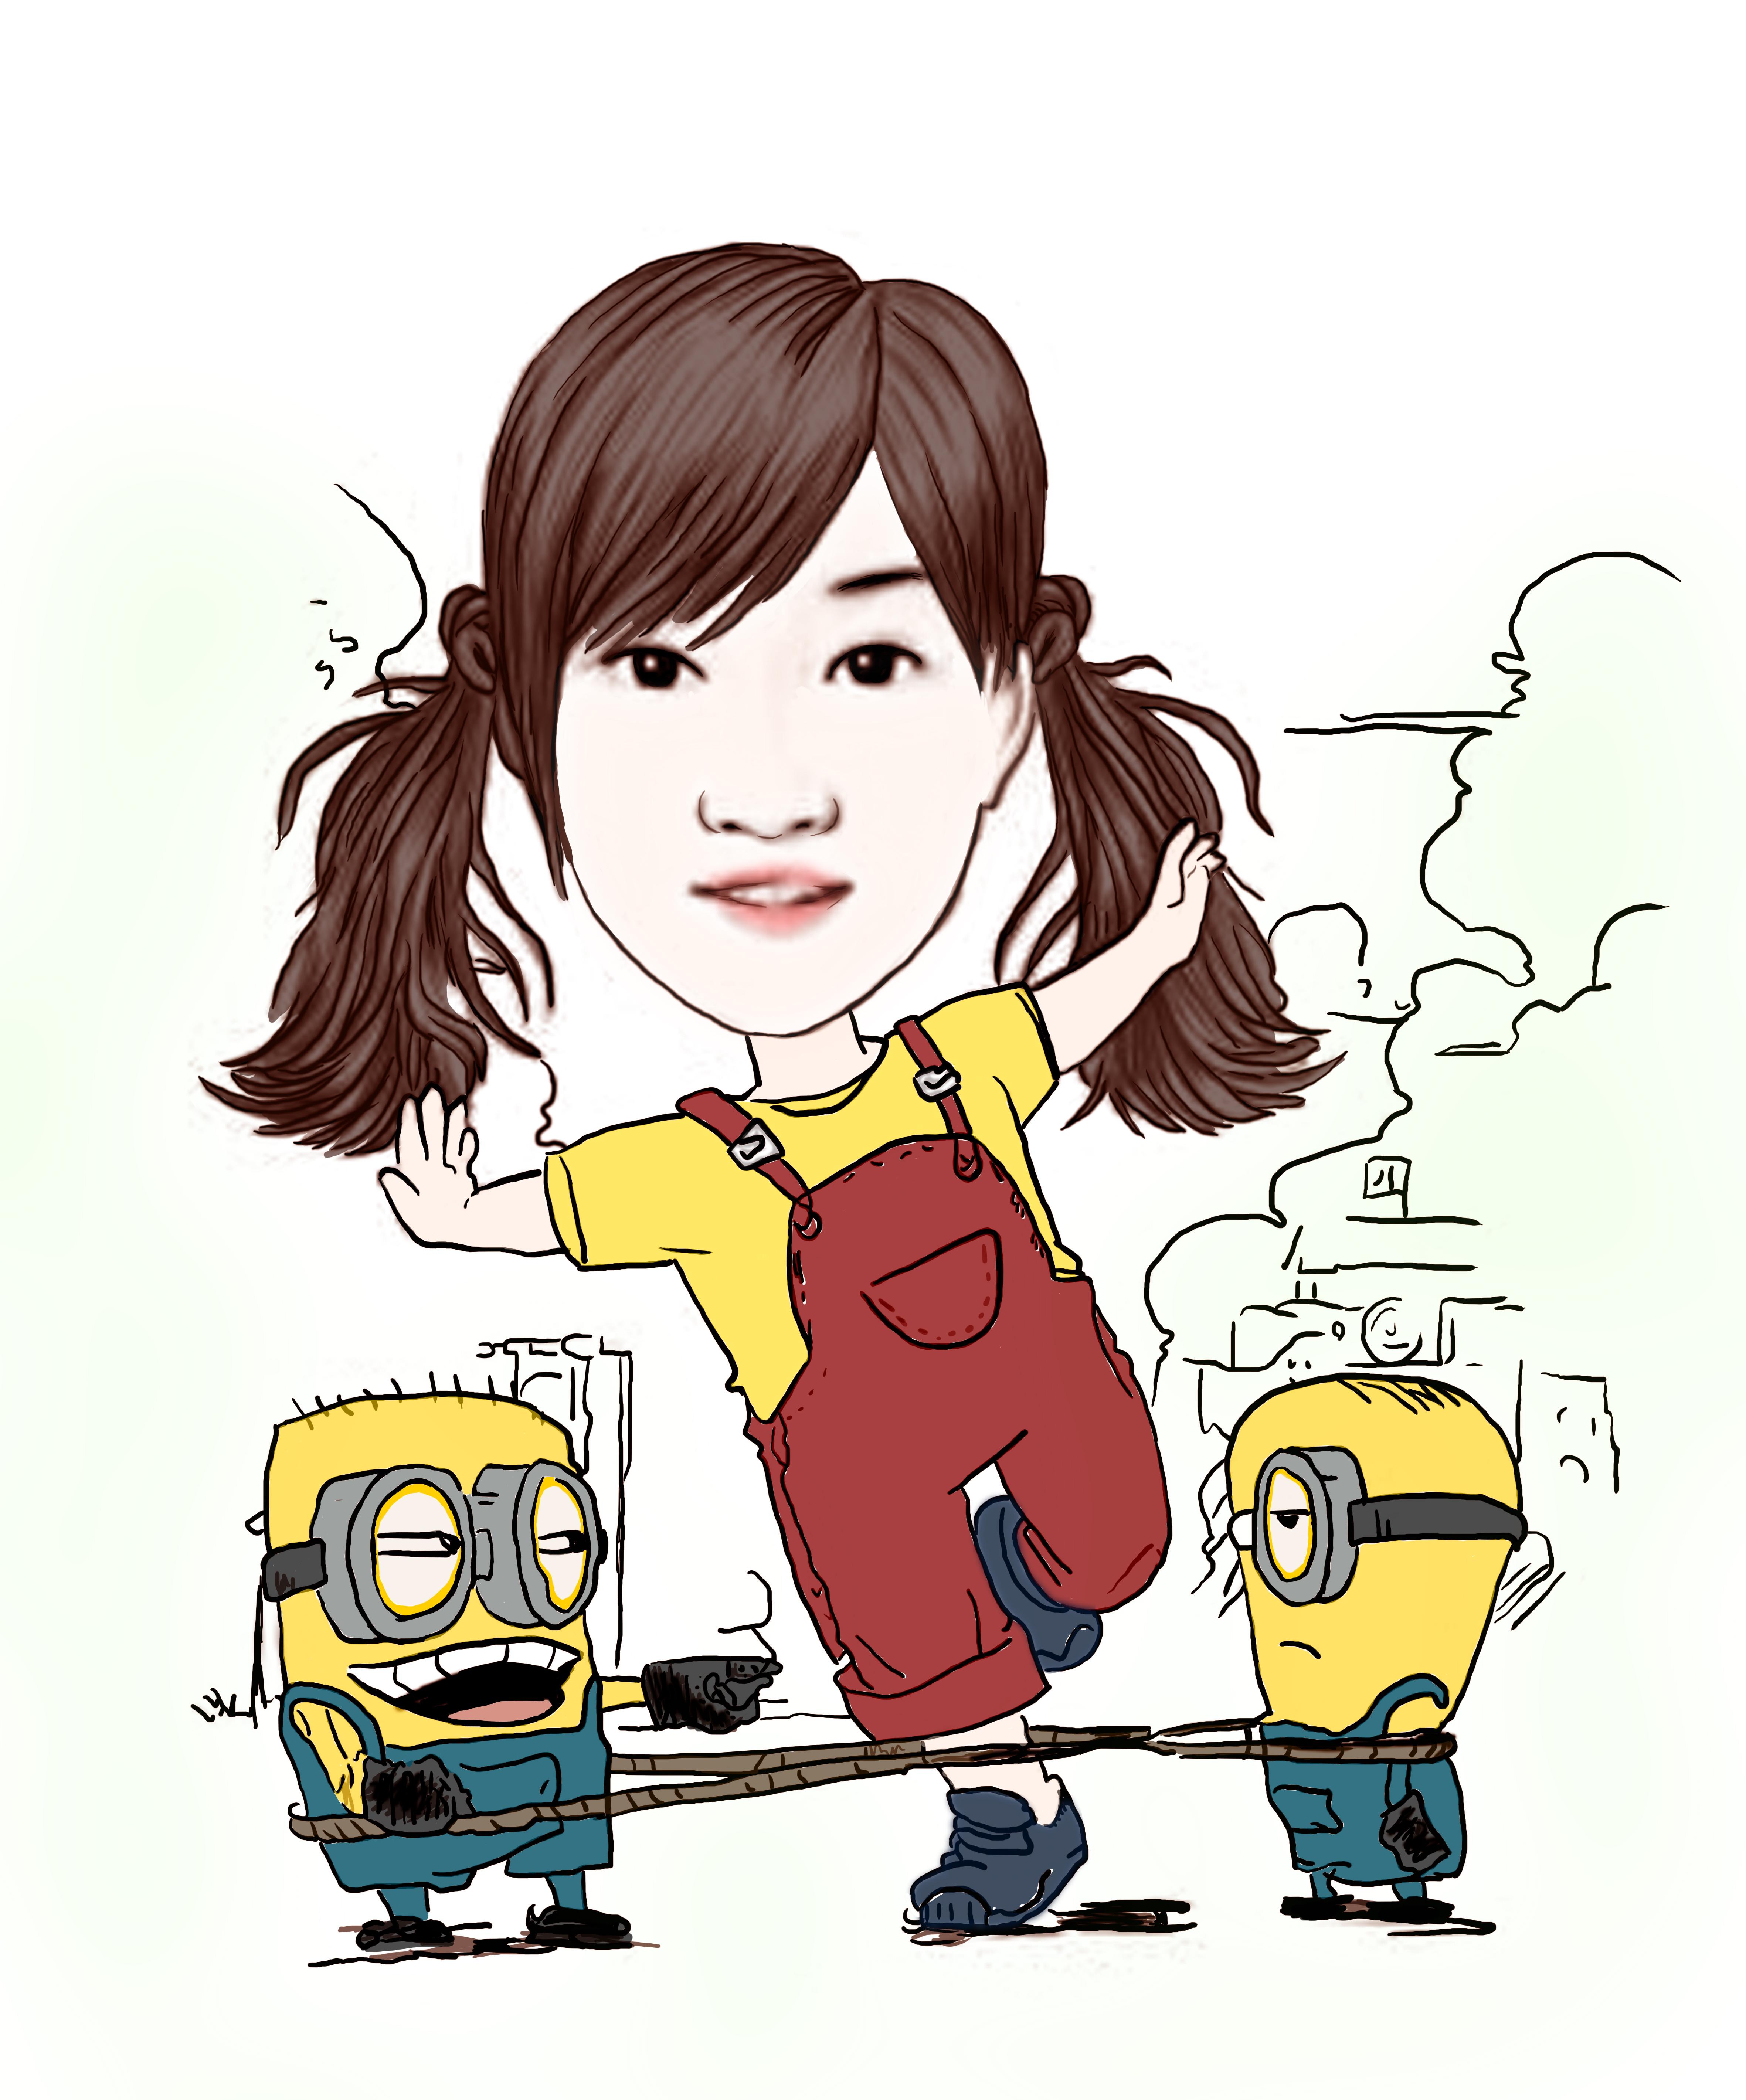 手绘漫画形象 动漫 肖像漫画 岁月靖好 - 原创作品